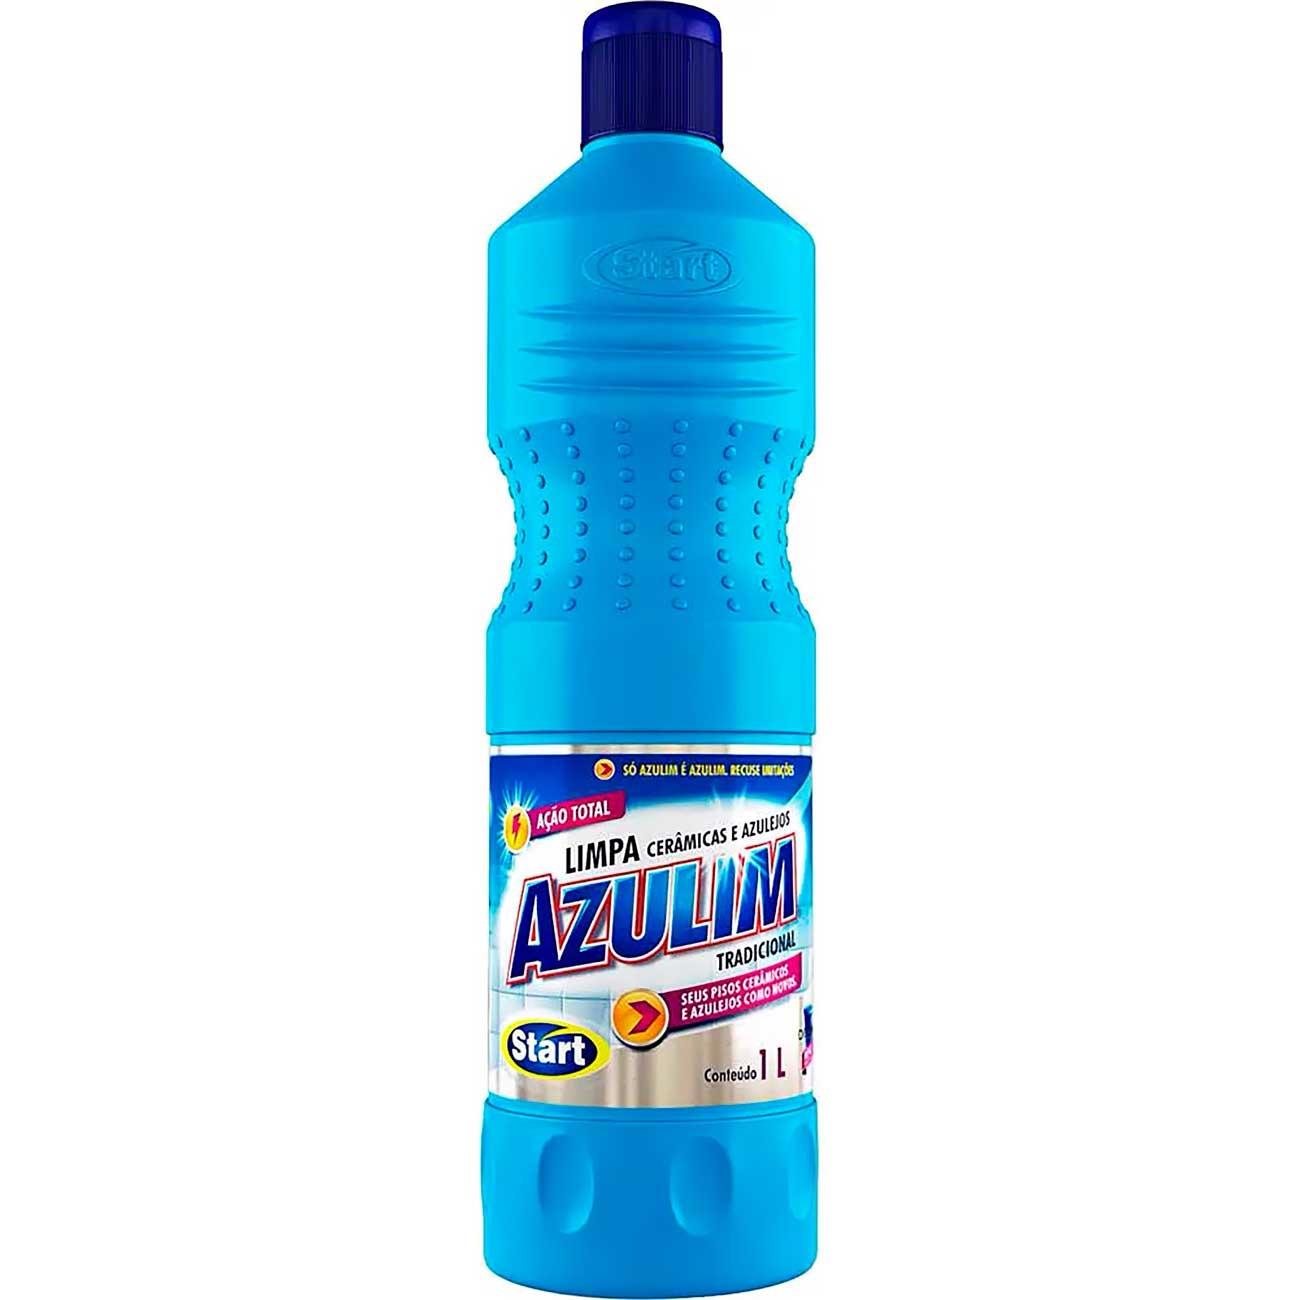 Limpa Cer�mica Azulim 1L | Caixa com 12 unidades